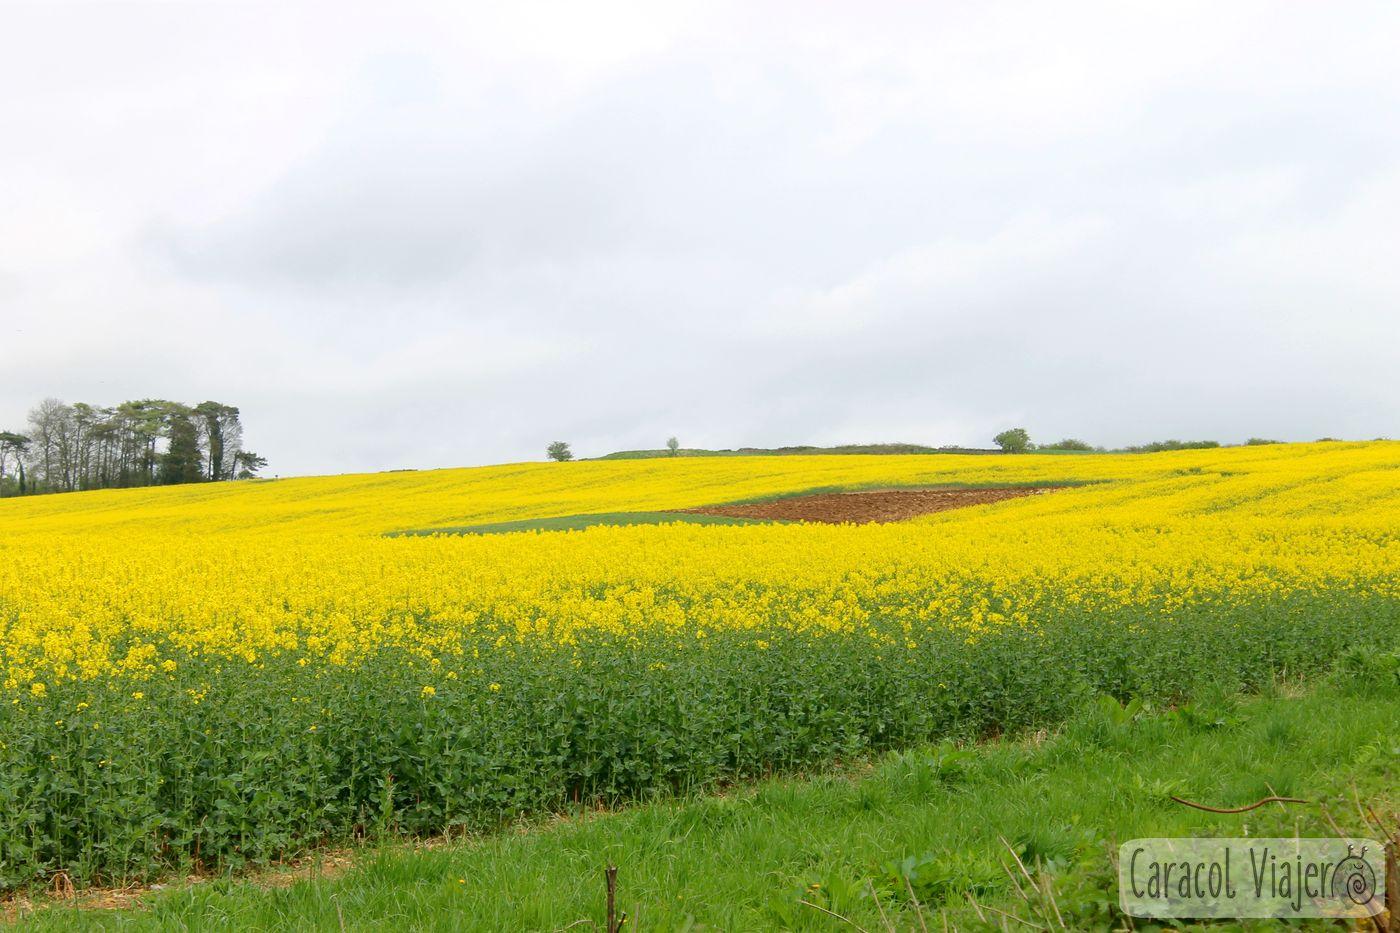 Campos de flores en Cotswolds, Inglaterra.